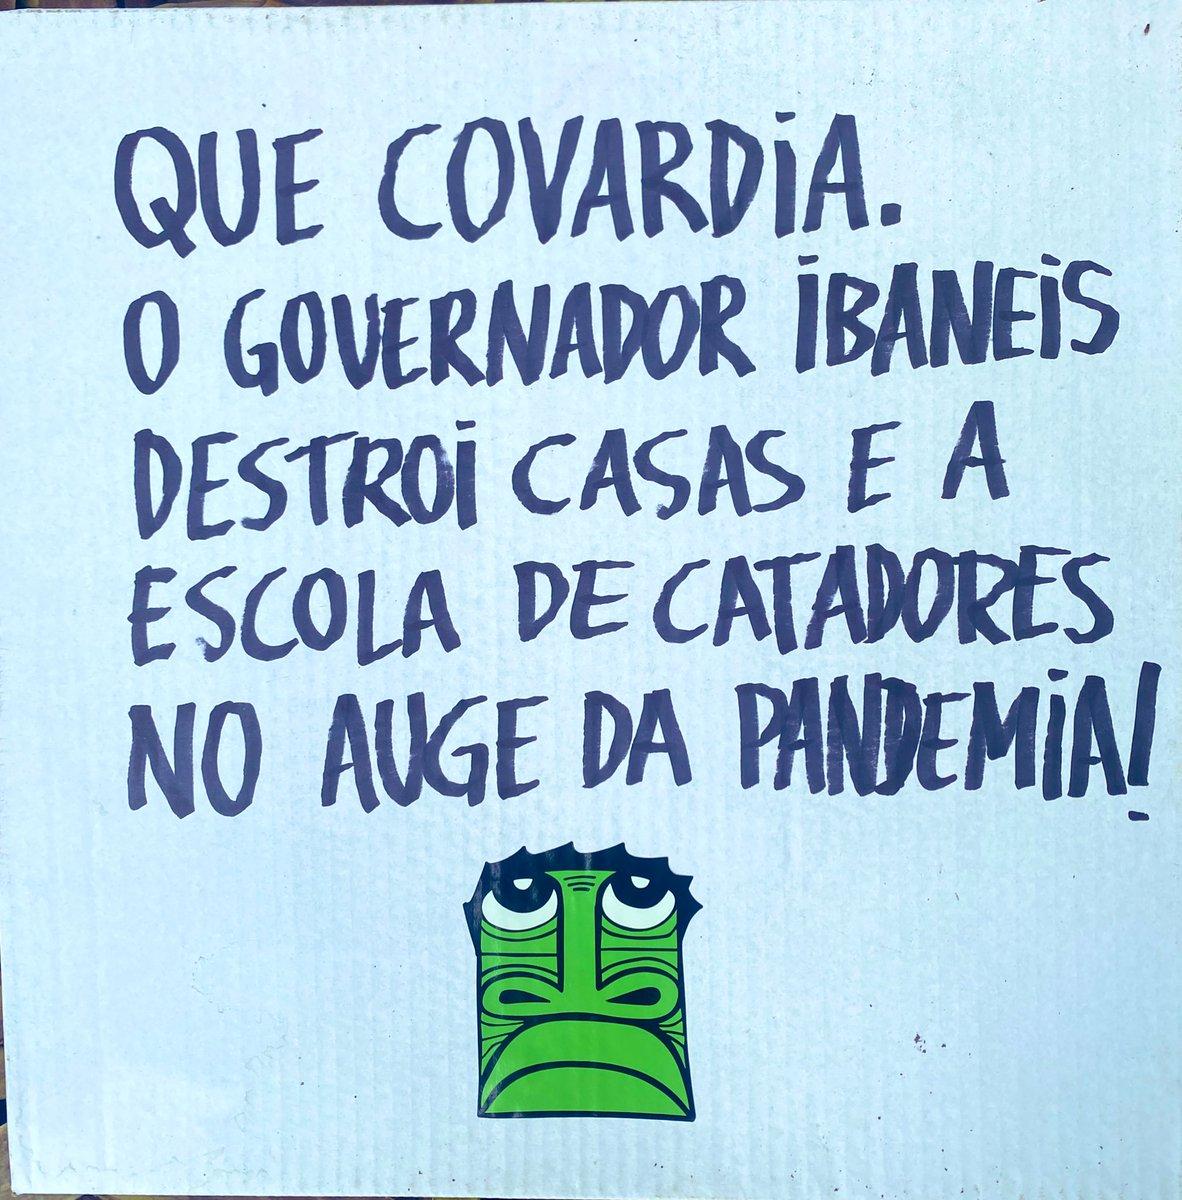 Que covardia governador @IbaneisOficial . Despejar vulneráveis no auge da pandemia ! #ocupaCCBBresiste #IbaneisCovarde https://t.co/mERIbEIpgc